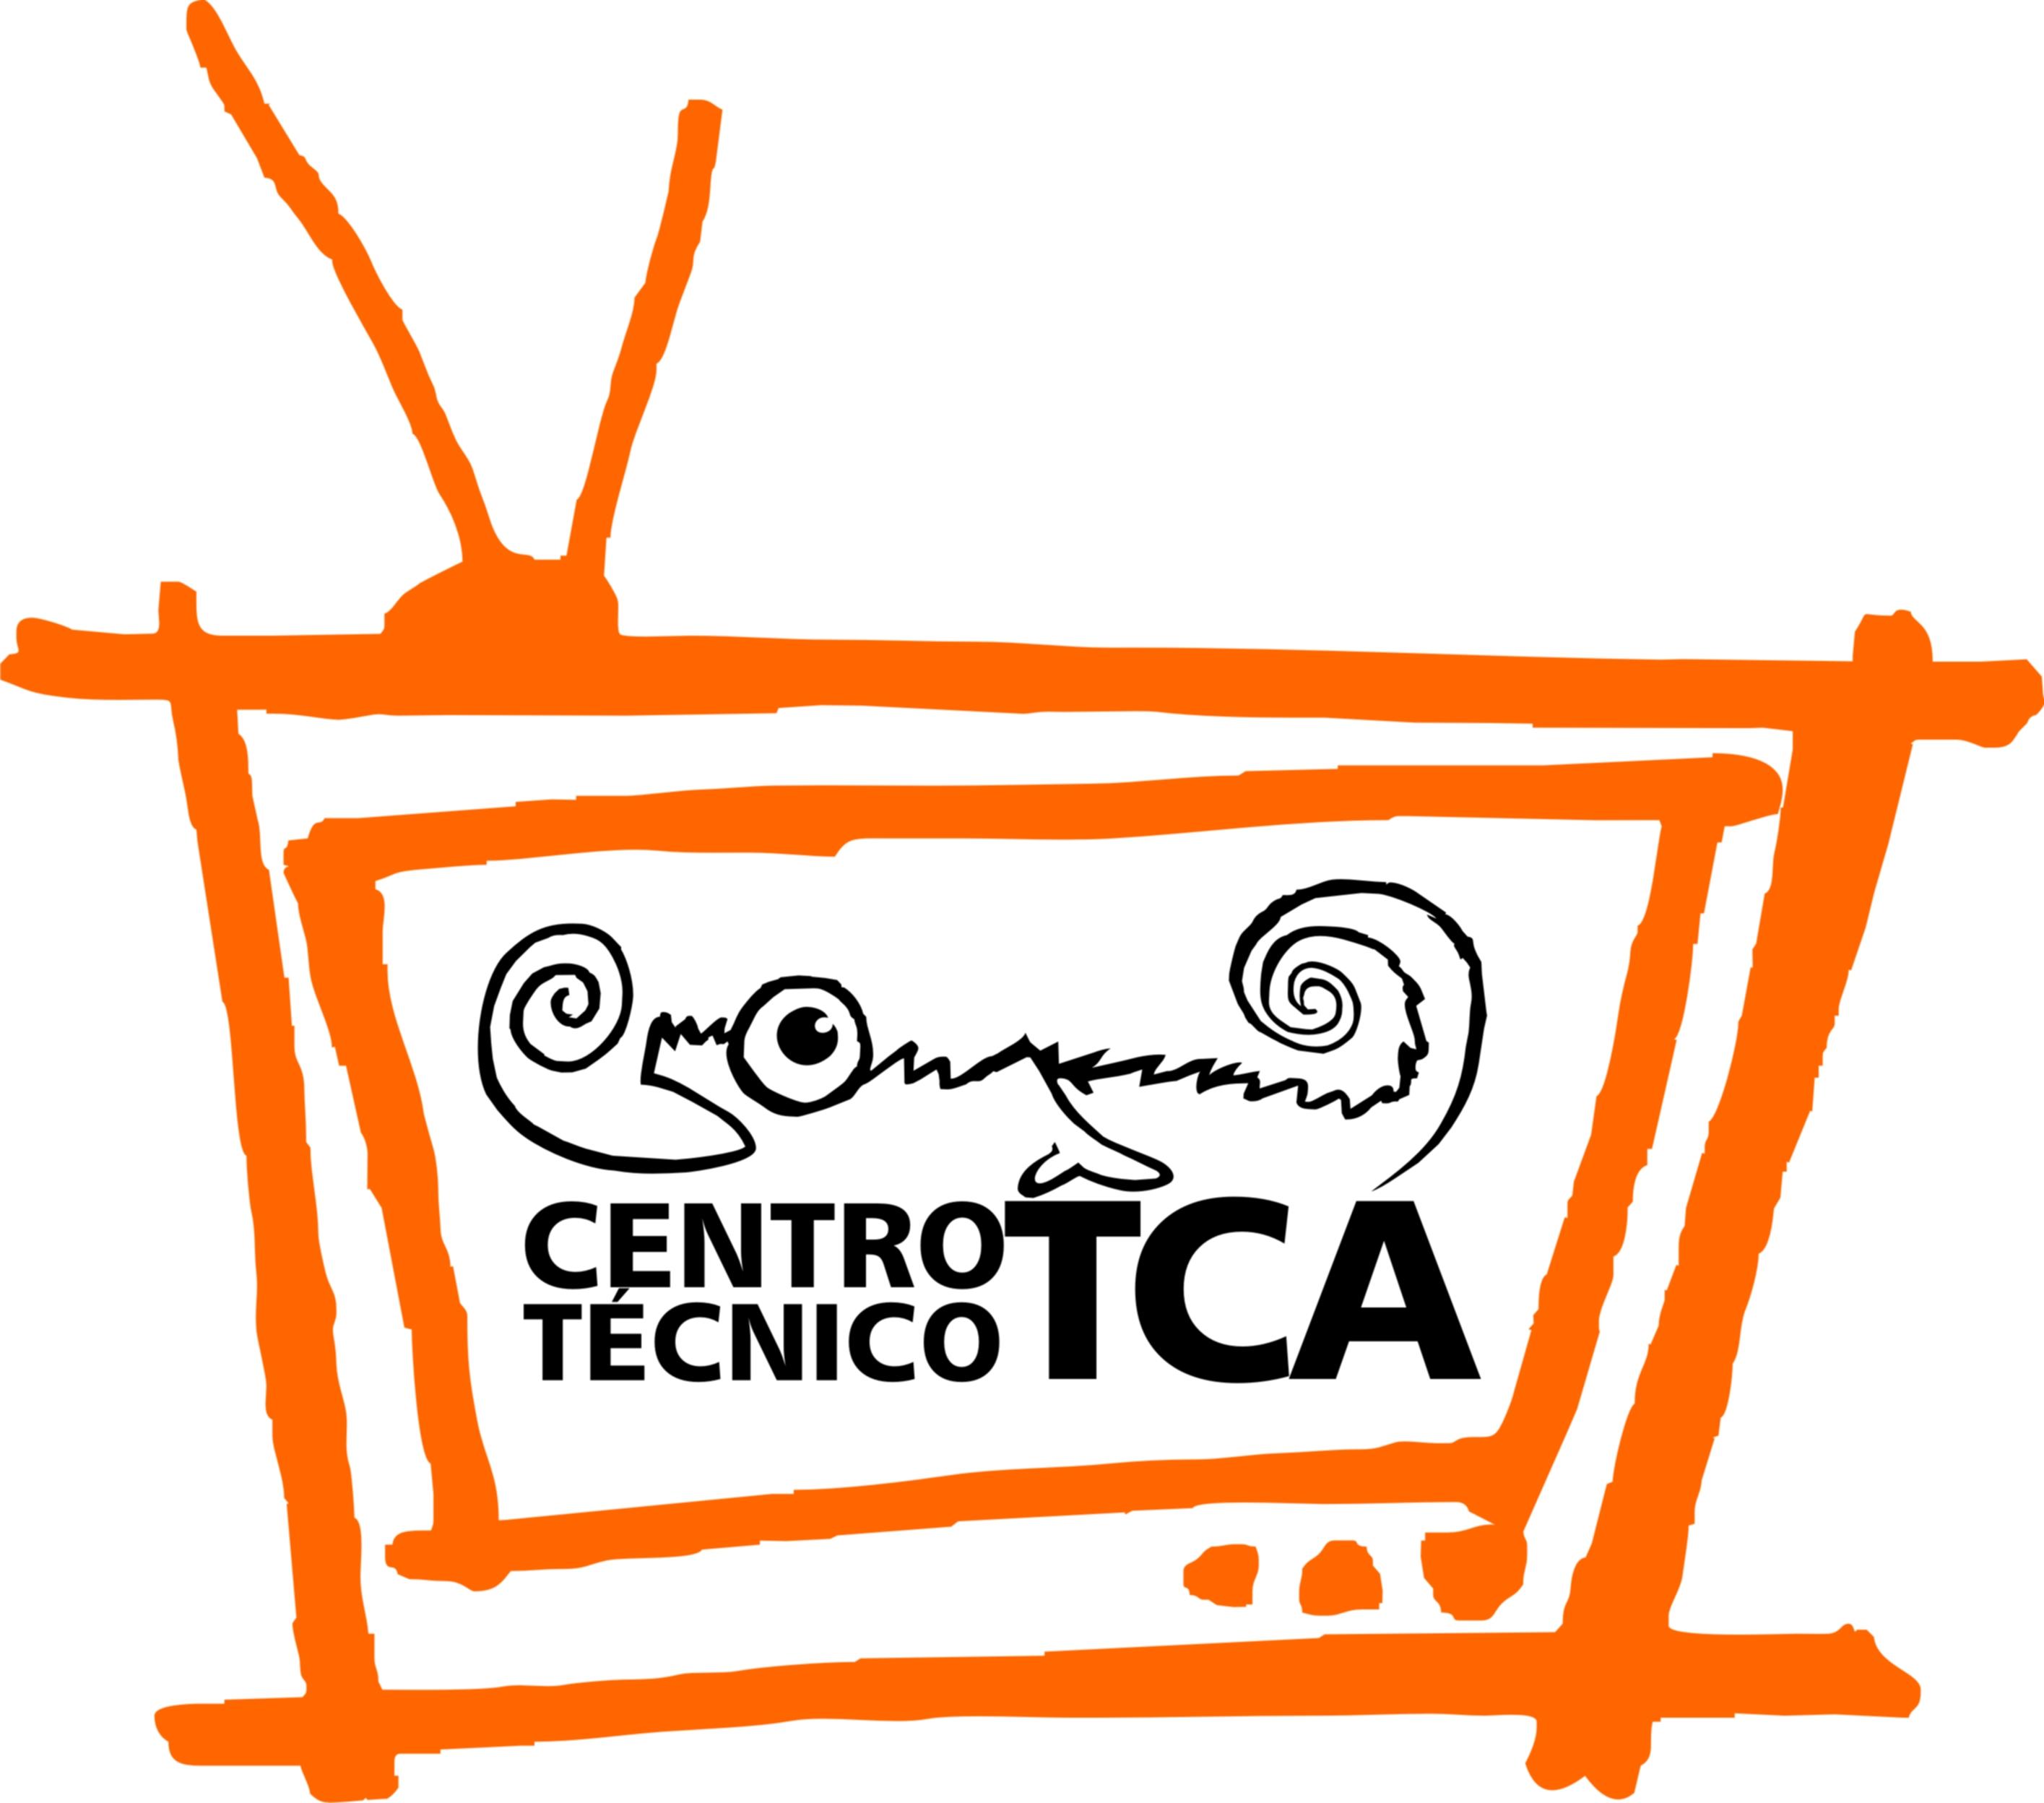 TV CAMALEAO